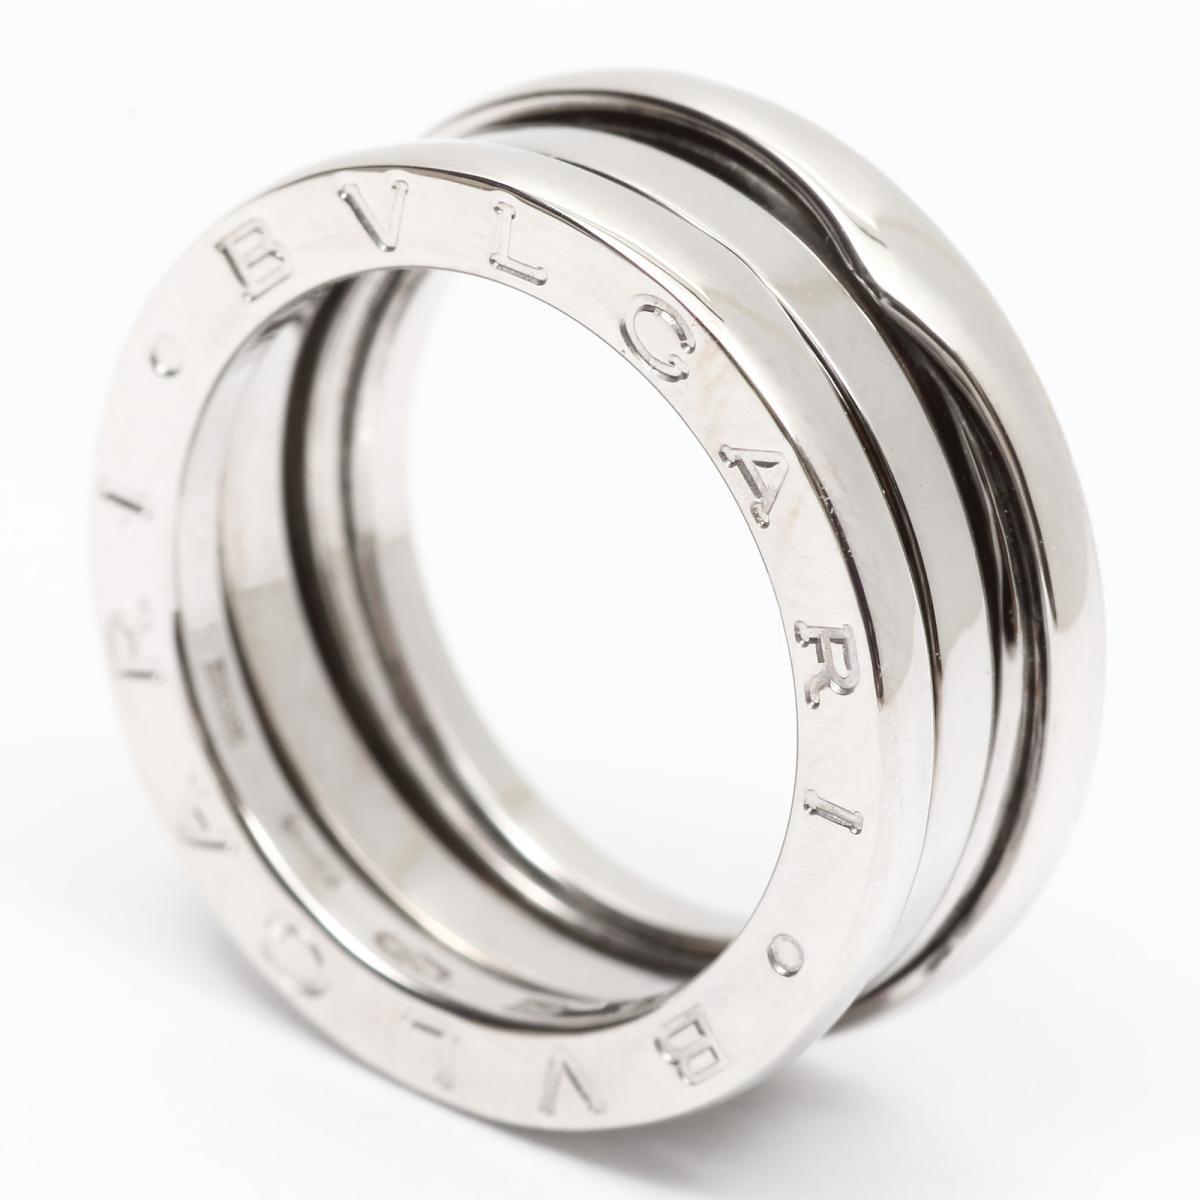 ブルガリ B zero1 リング Sサイズ ビーゼロワン 指輪 ブランドジュエリー レディース K18WG750ホワイトwZ8PXNn0Ok